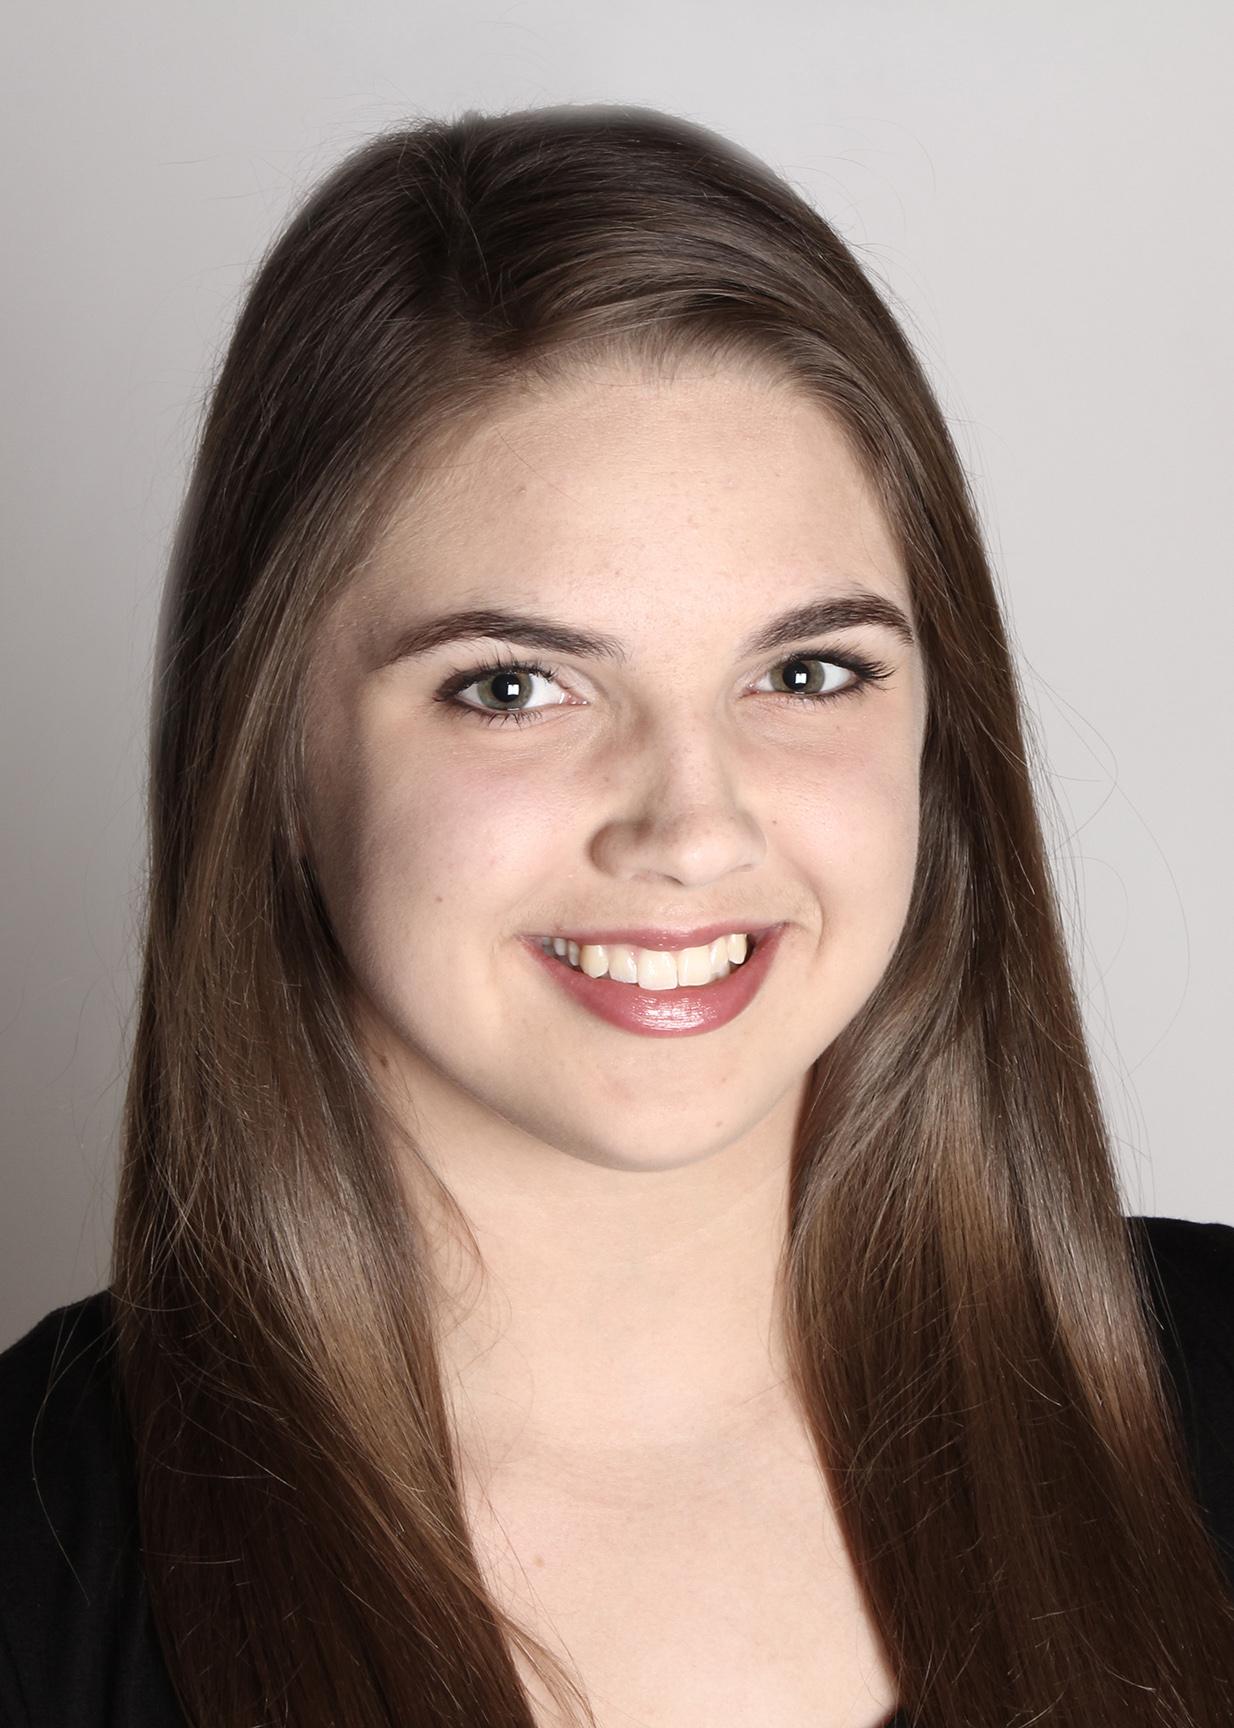 Christina Darby